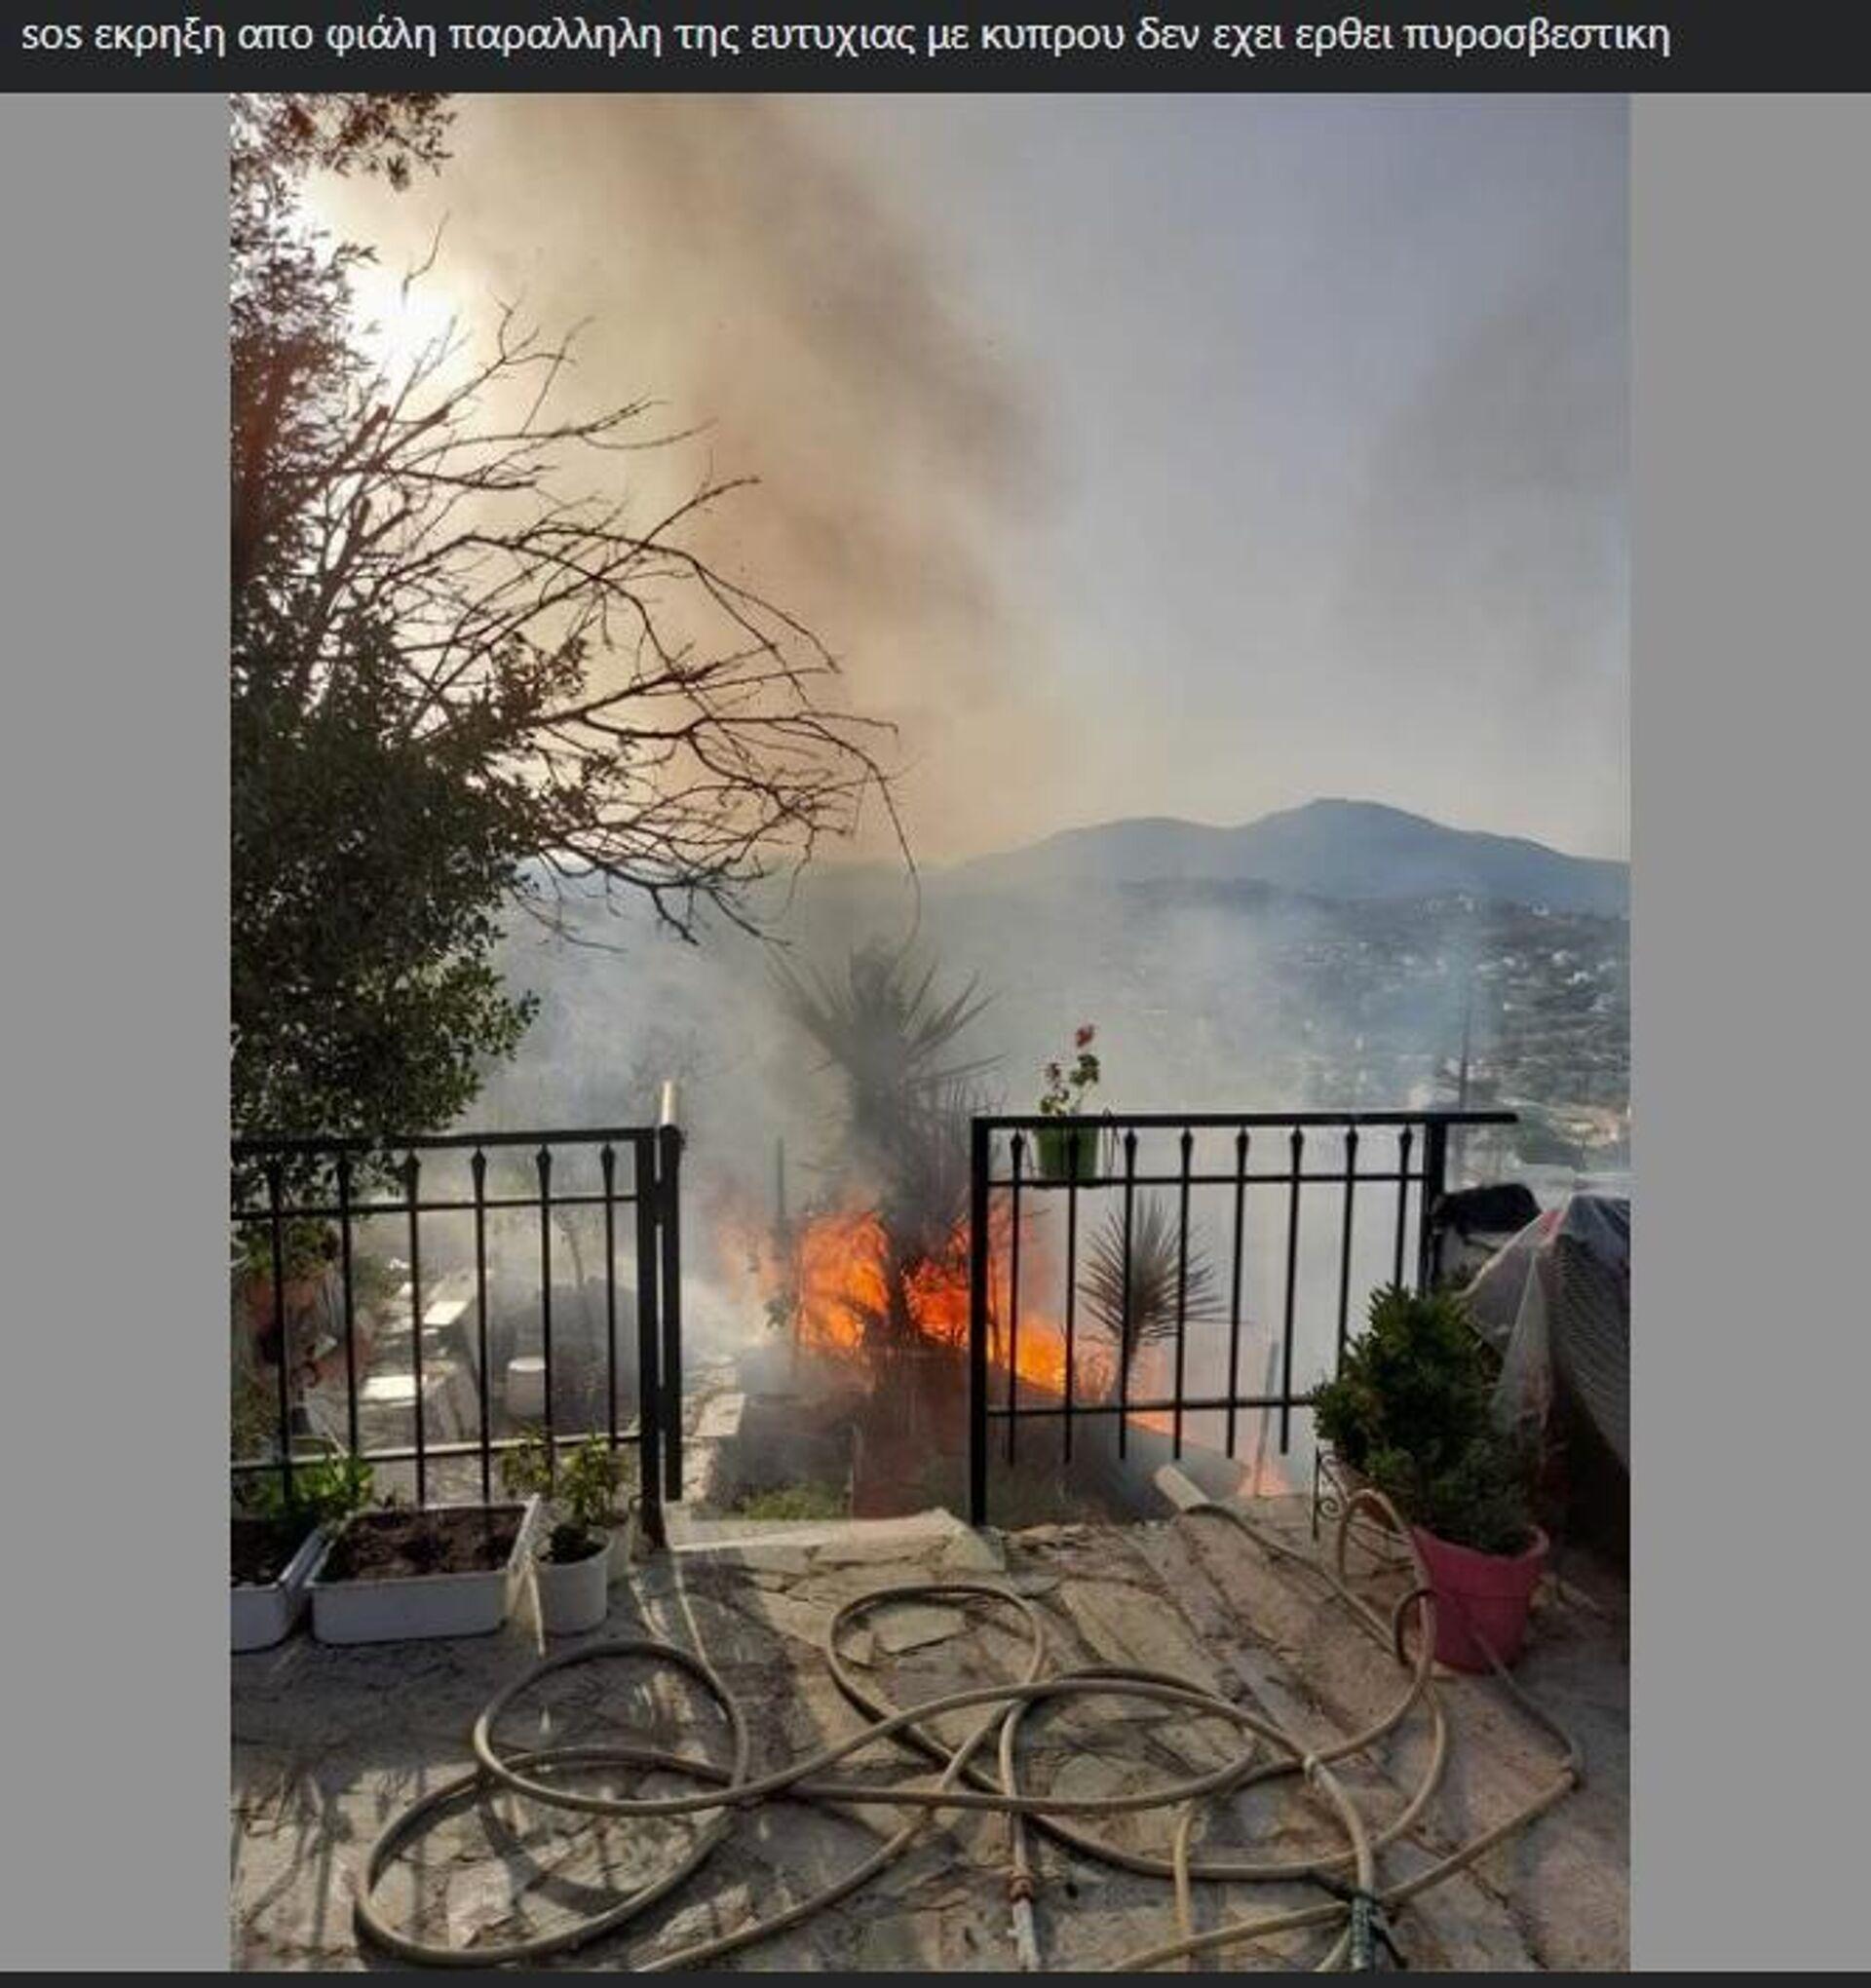 Καλύβια: Έκρηξη σε σπίτι - Sputnik Ελλάδα, 1920, 18.09.2021